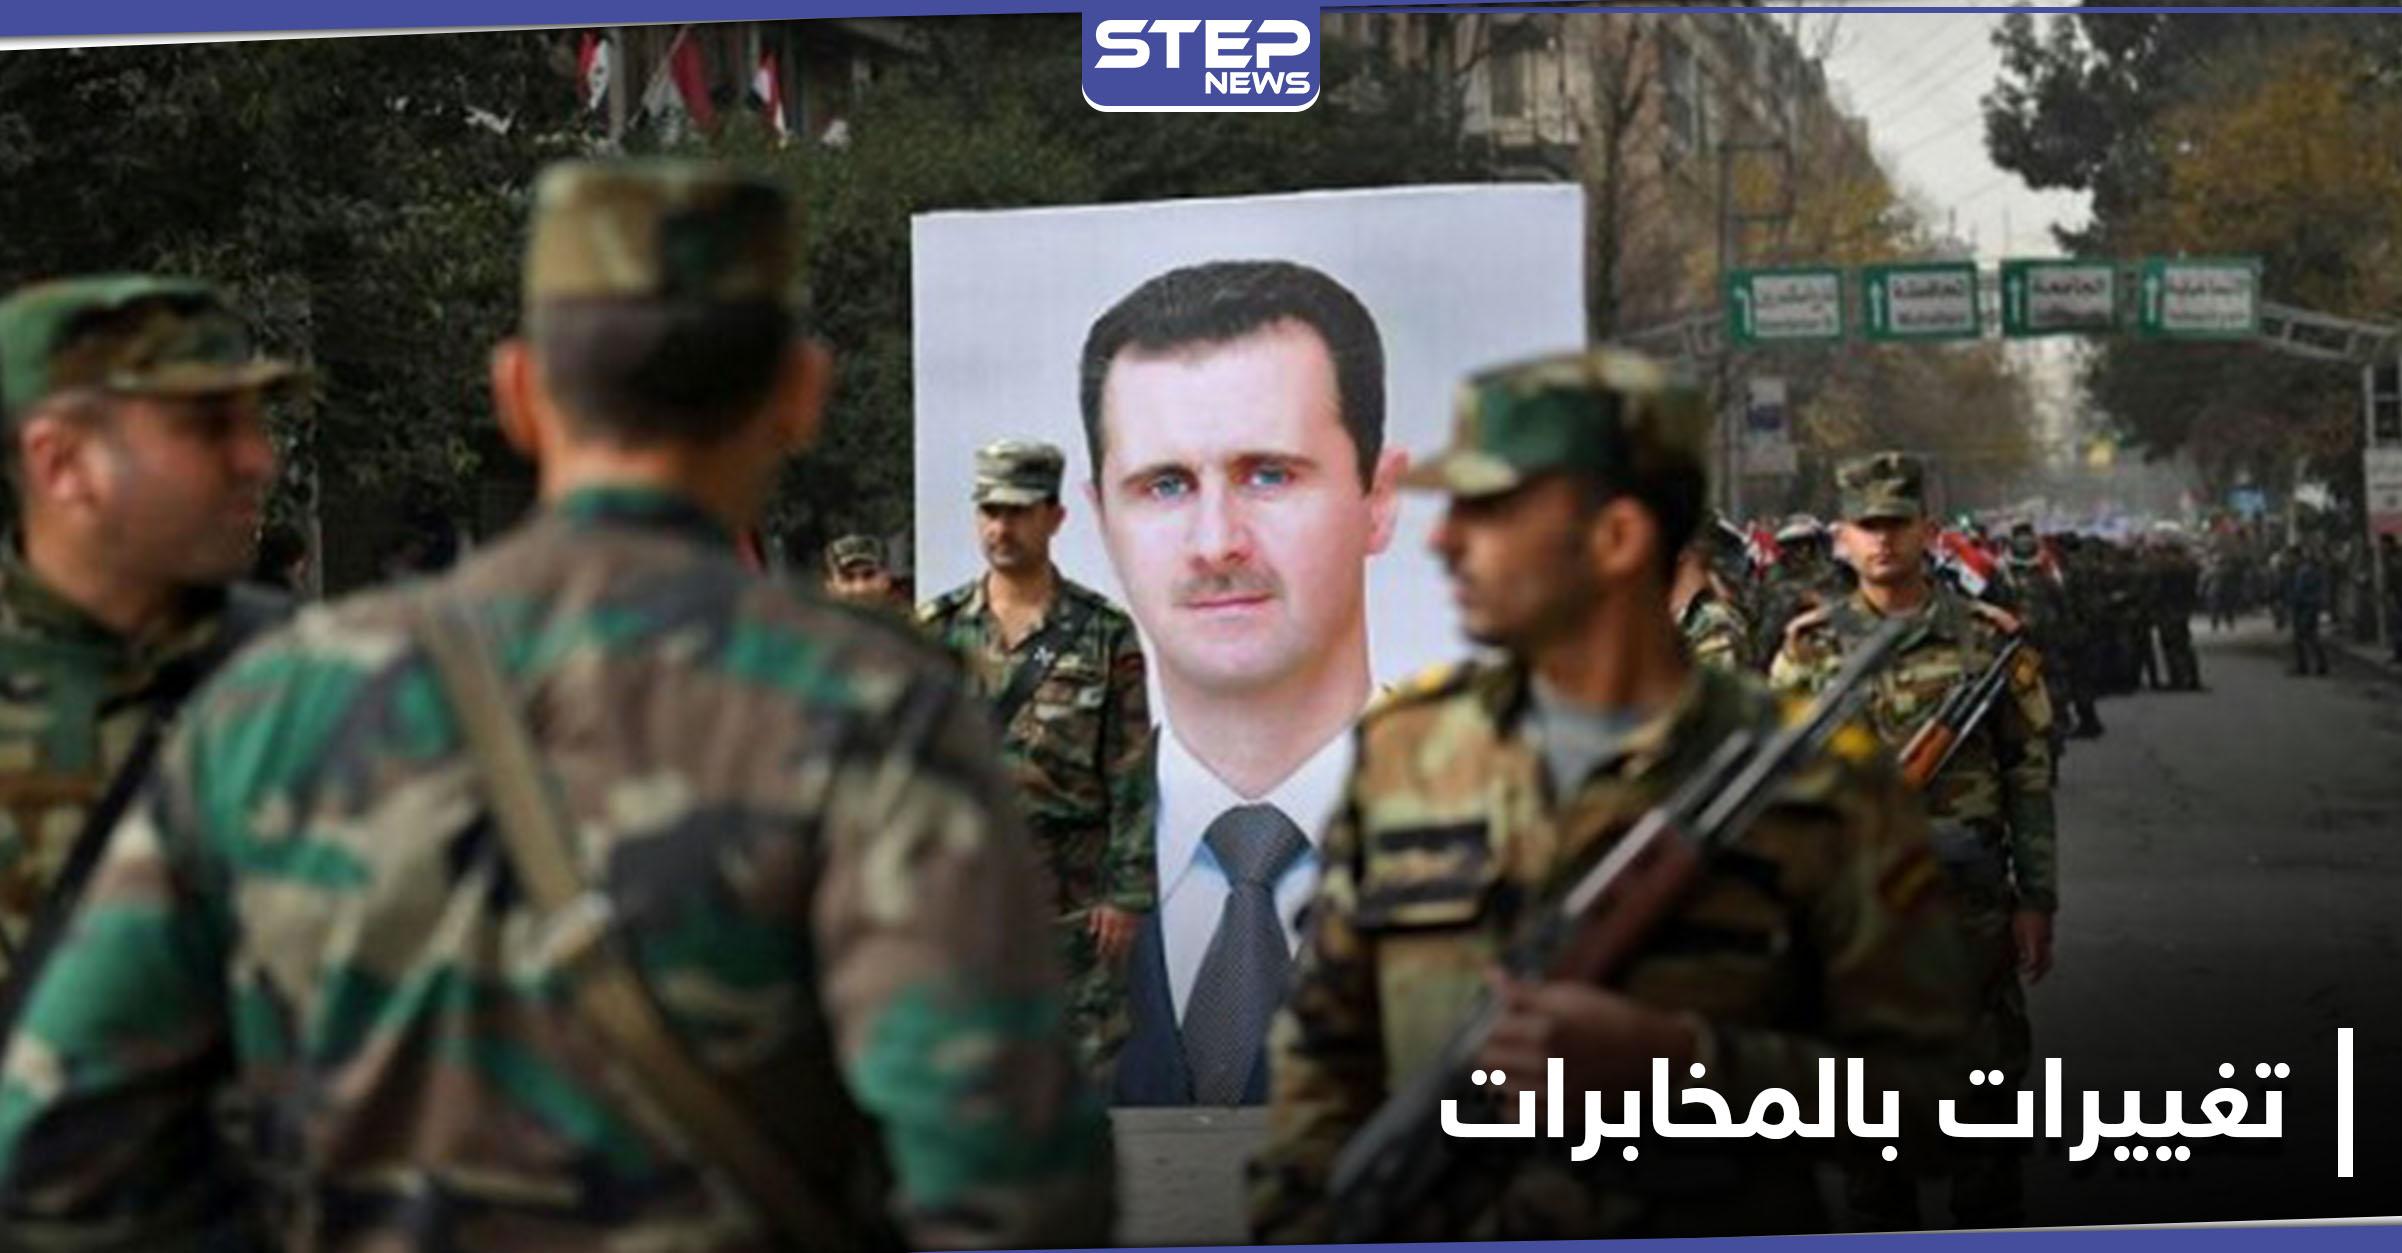 سلسلة تغييرات كبيرة بقيادة شعبة المخابرات التابعة للنظام السوري